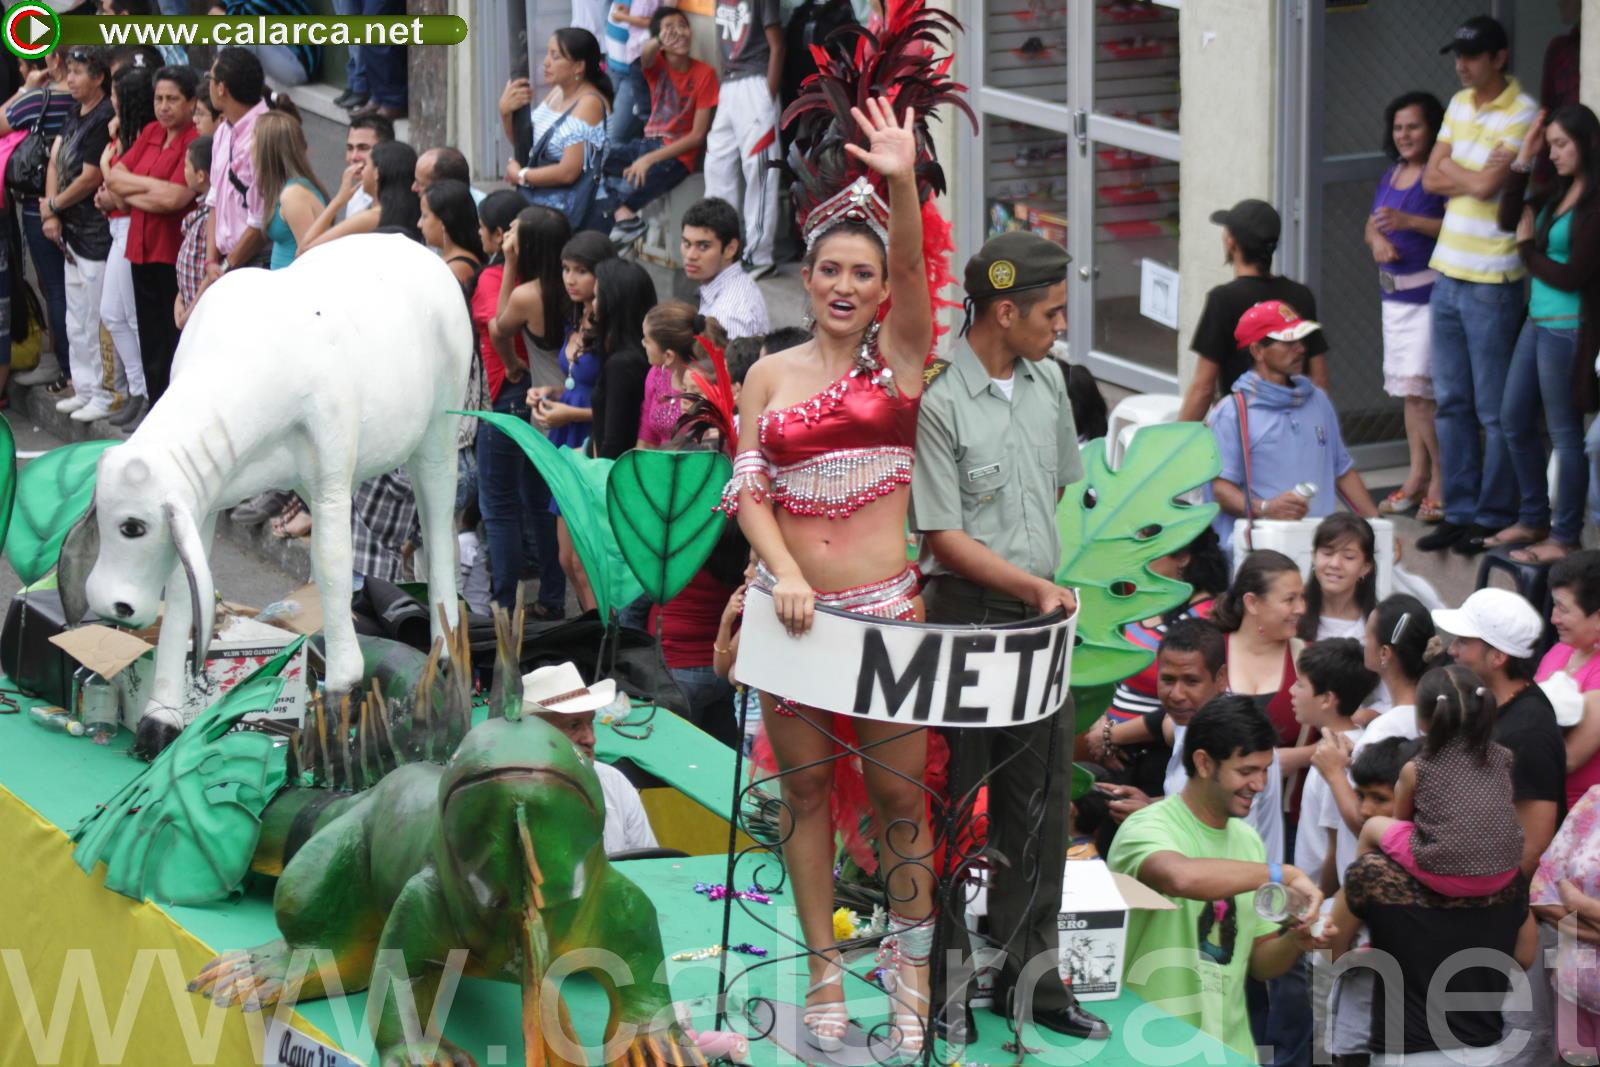 Meta - Yheidy Karina Rojas Beltrán